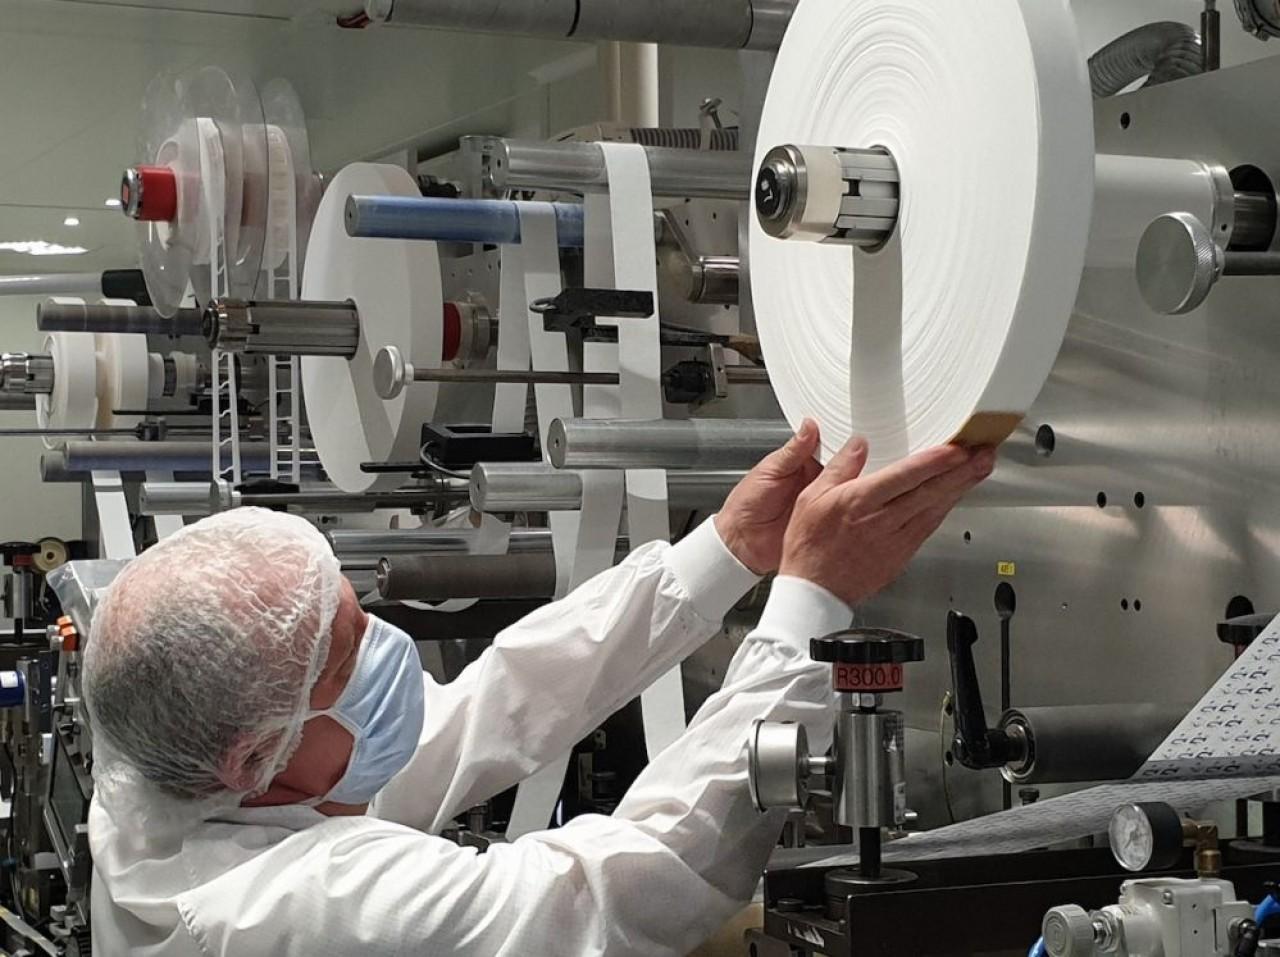 Tous les salariés d'Adhex Technologies en activité bénéficient de protections. Ici un opérateur sur une ligne d'adhésifs. © Roland de la Brosse